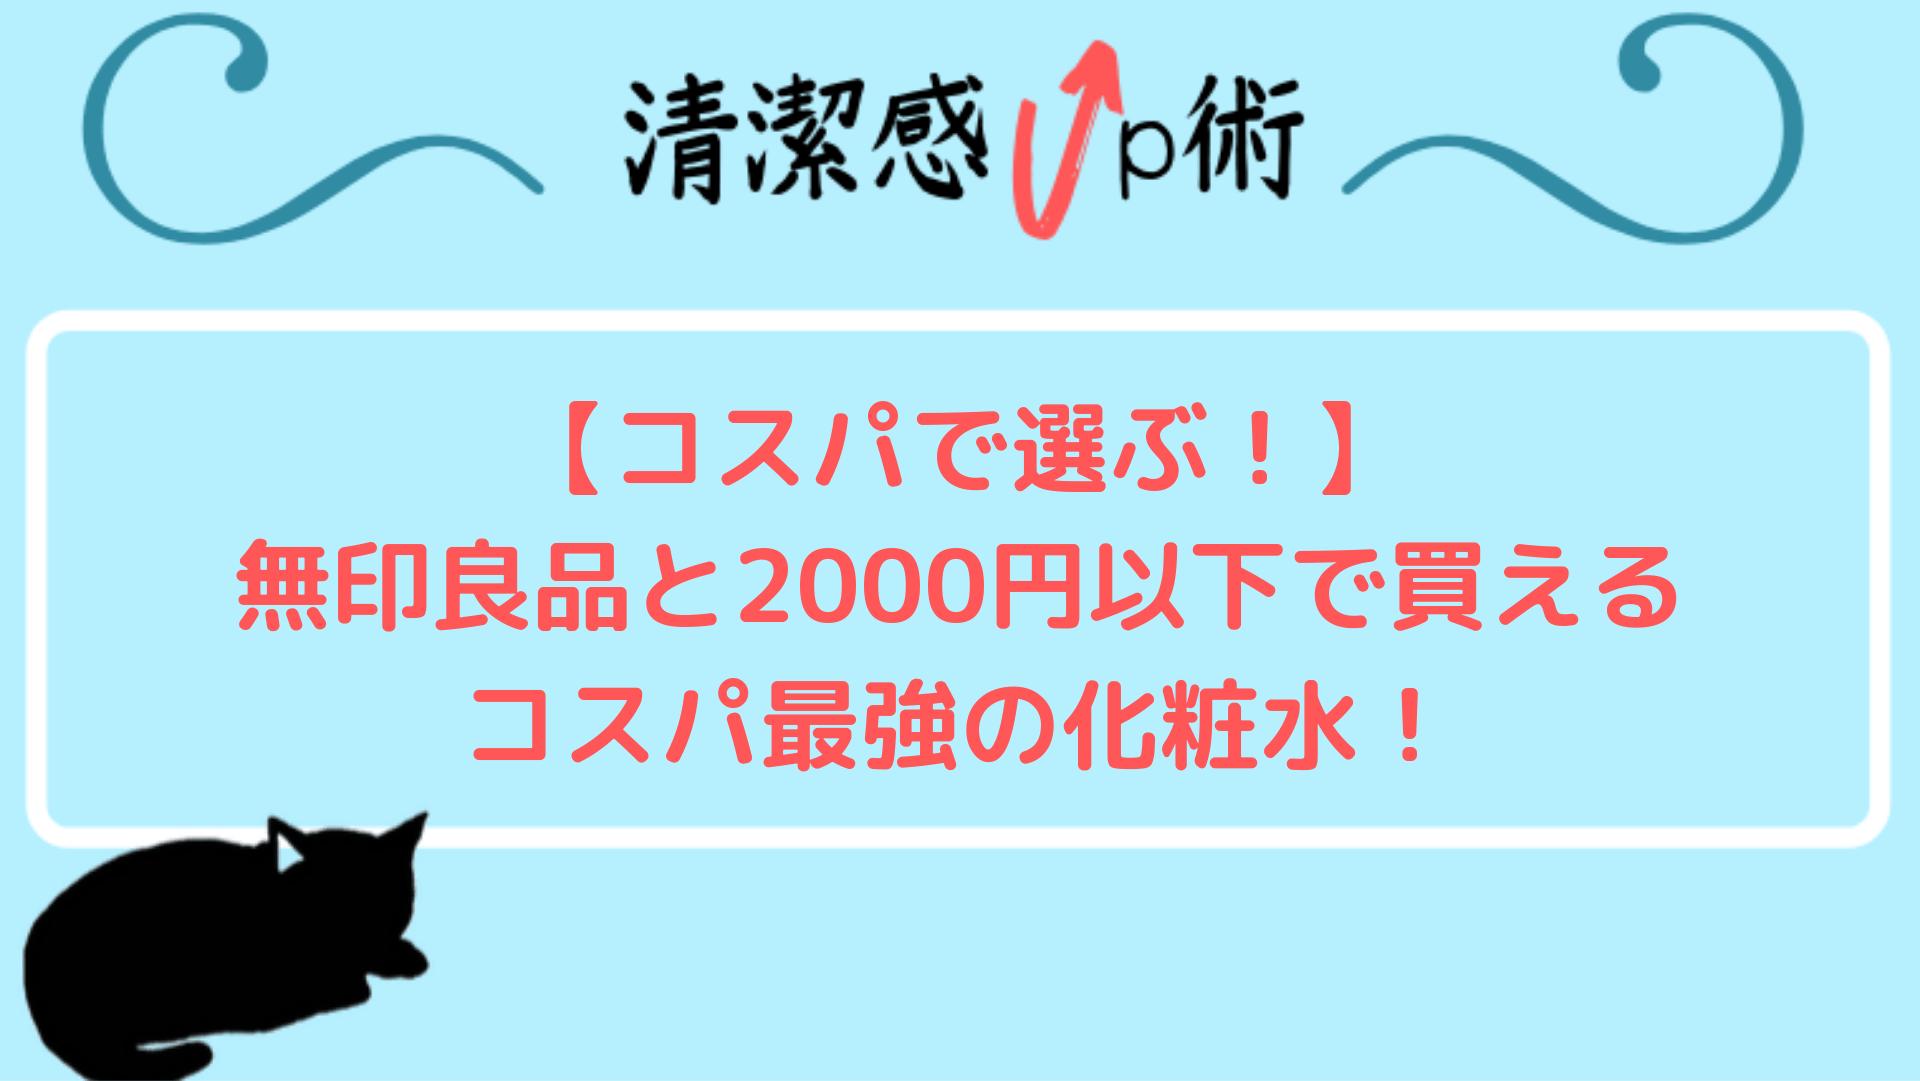 【コスパで選ぶ!】無印良品と2000円以下で買えるコスパ最強の化粧水!